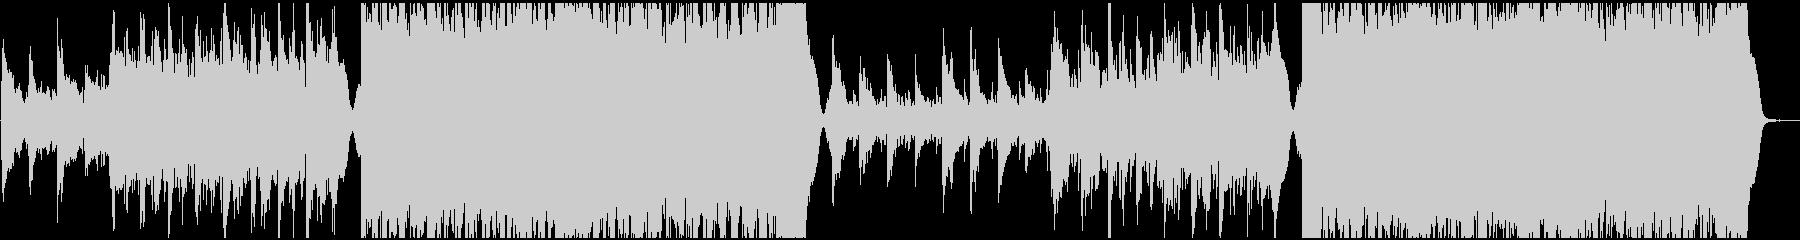 現代的 交響曲 プログレッシブ コ...の未再生の波形